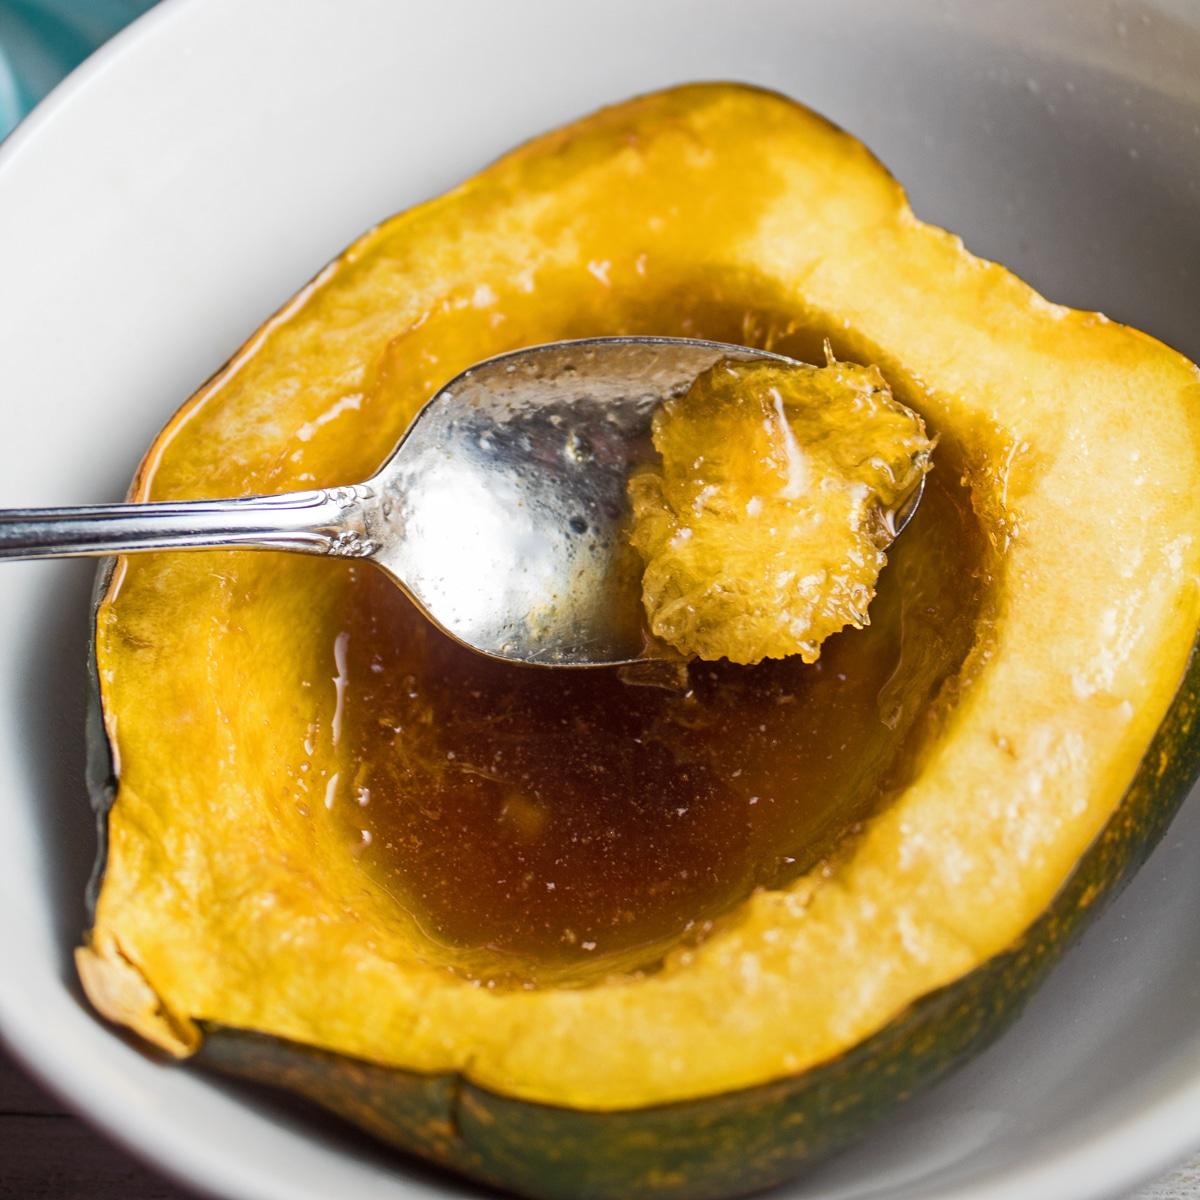 Mjuk mikrovågs ekollon squash serveras i vit skål.